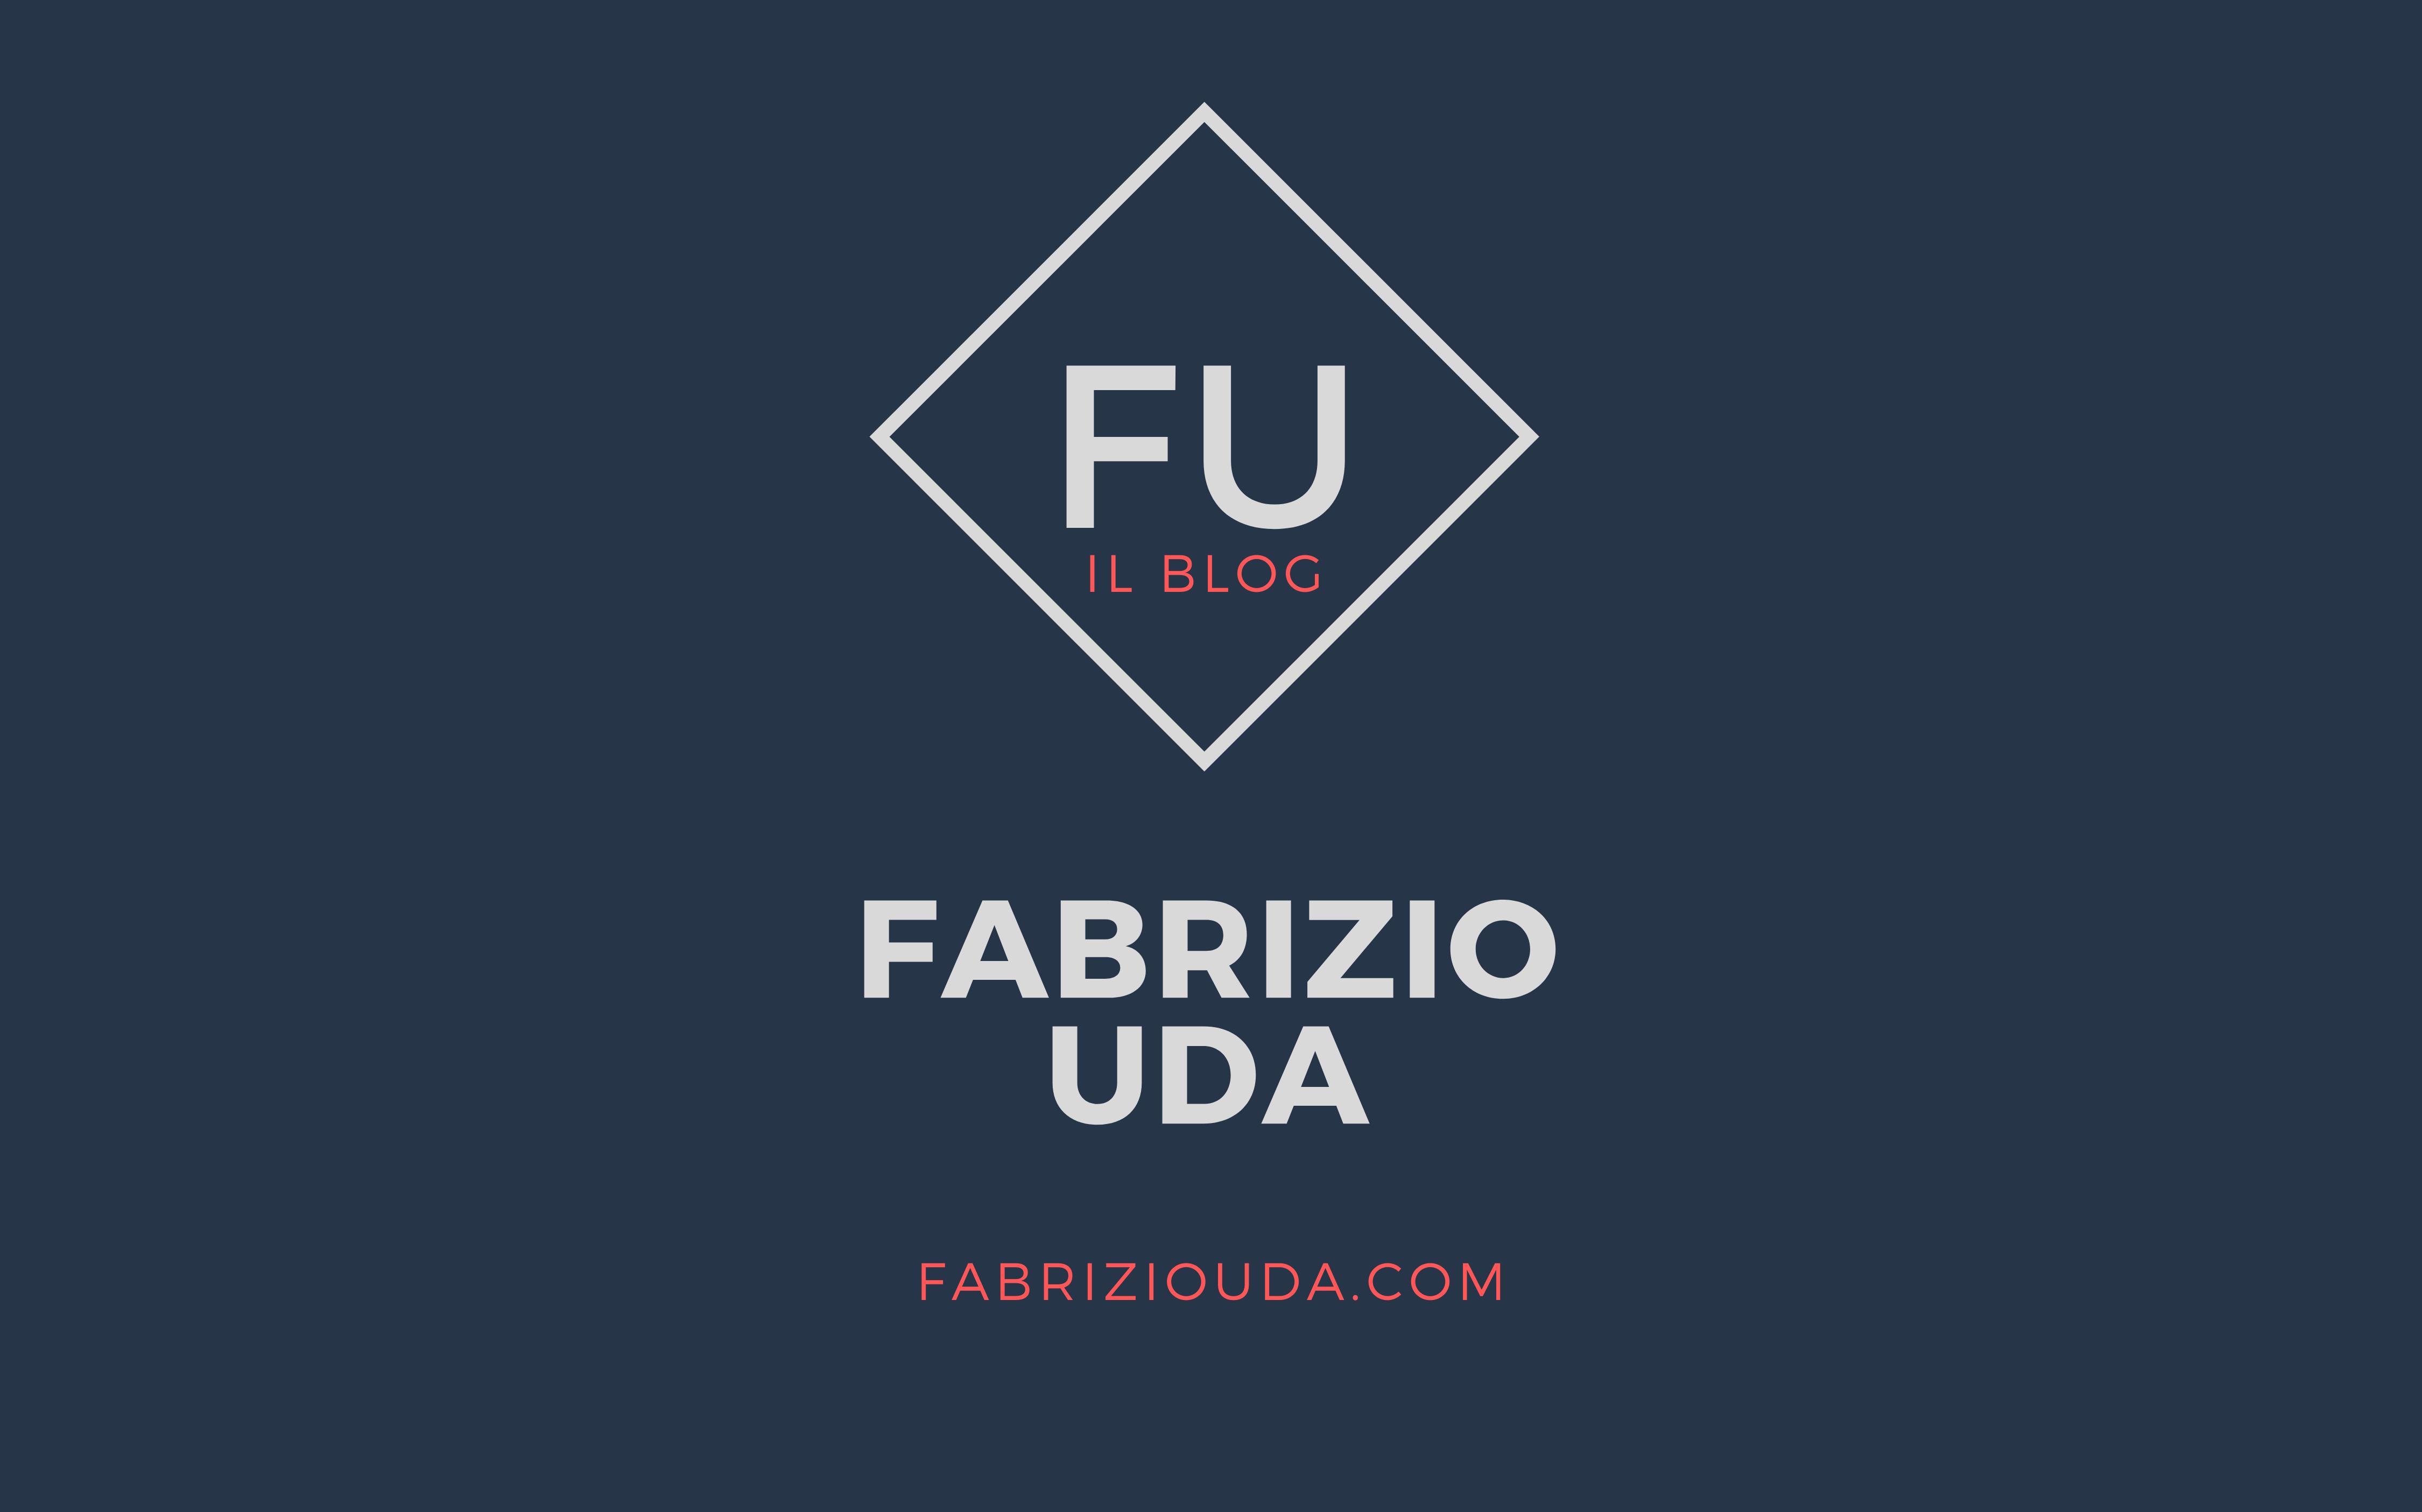 www.fabriziouda.com – PUBBLICAZIONE INDIPENDENTE DI INFORMAZIONE E NOTIZIE DAL WEB SU POLITICA, CINEMA, MUSICA, ECONOMIA AMBIENTE E SALUTE.